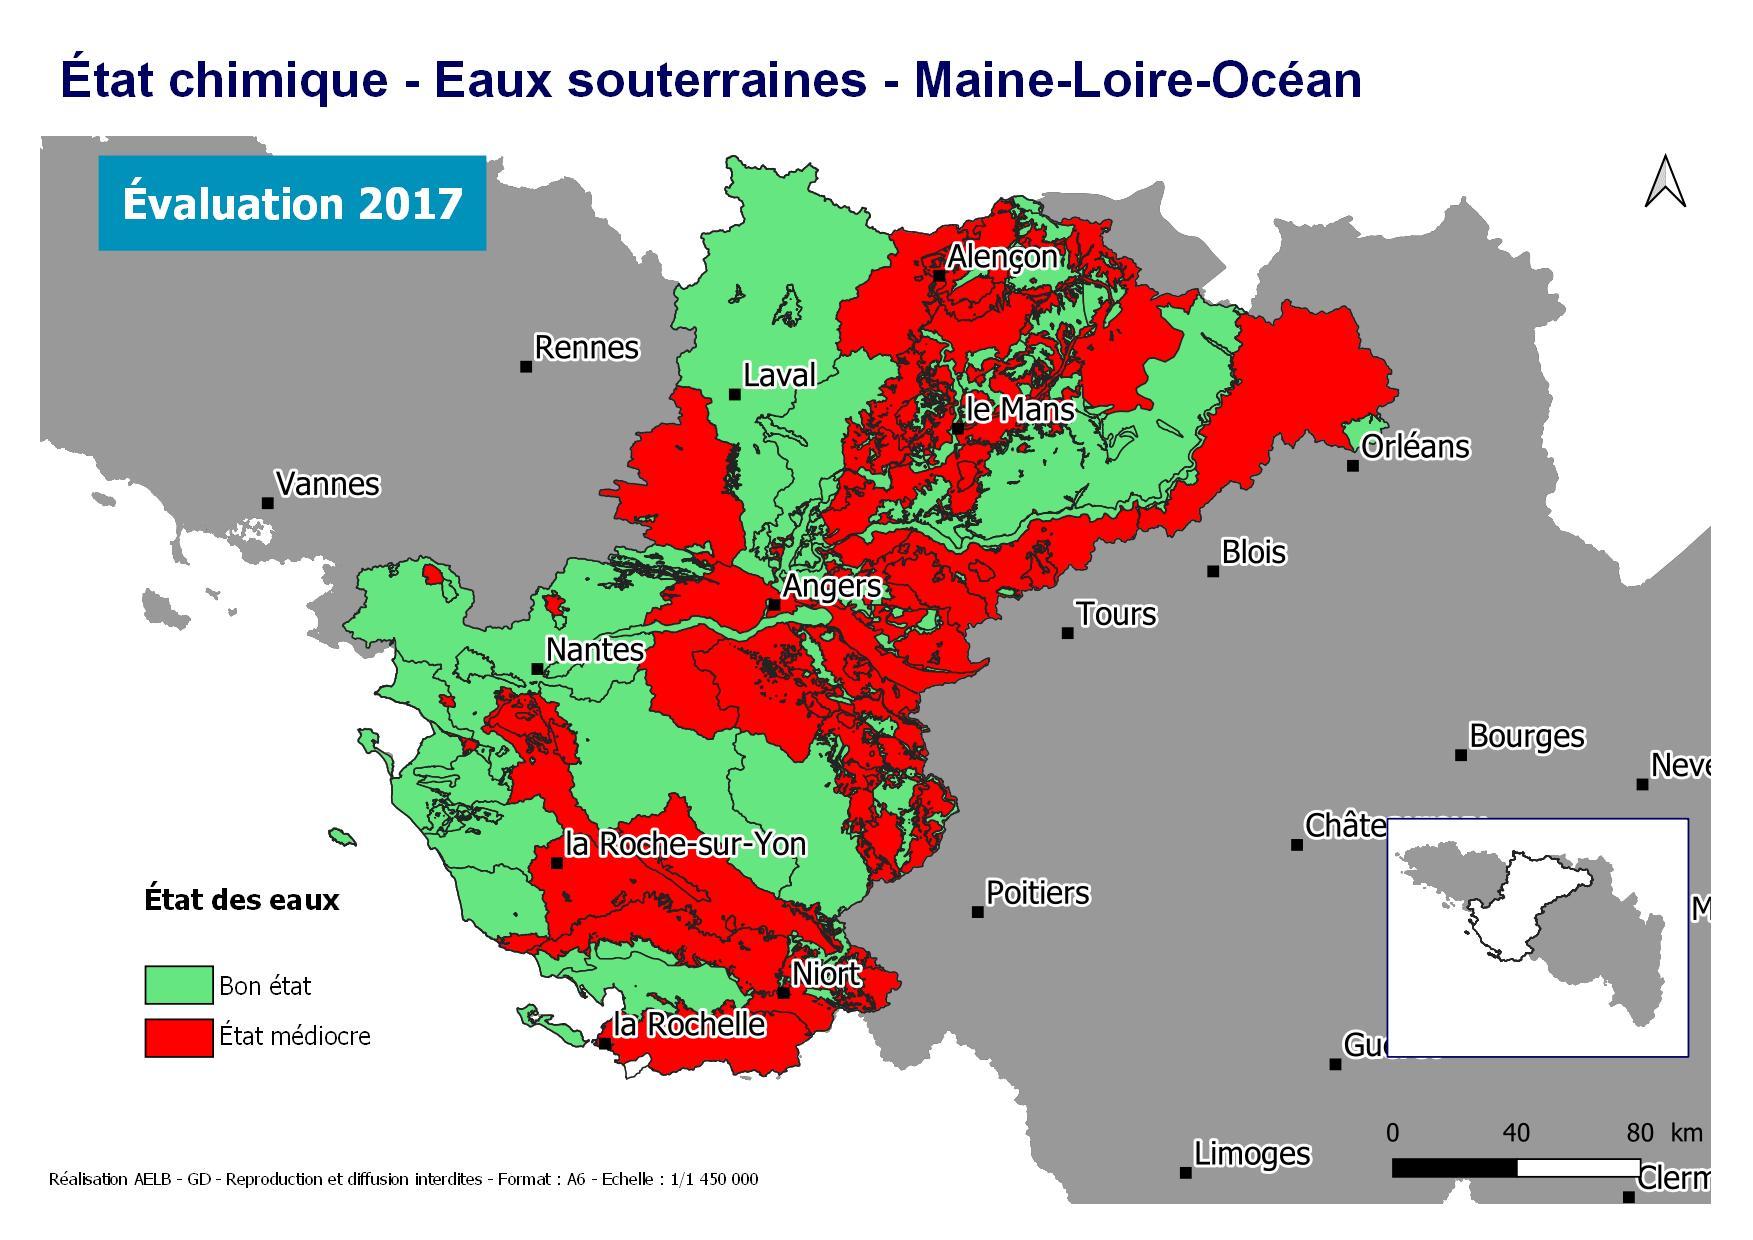 Évaluation 2017 de l'état chimique des eaux souterraines - Maine Loire-Océan